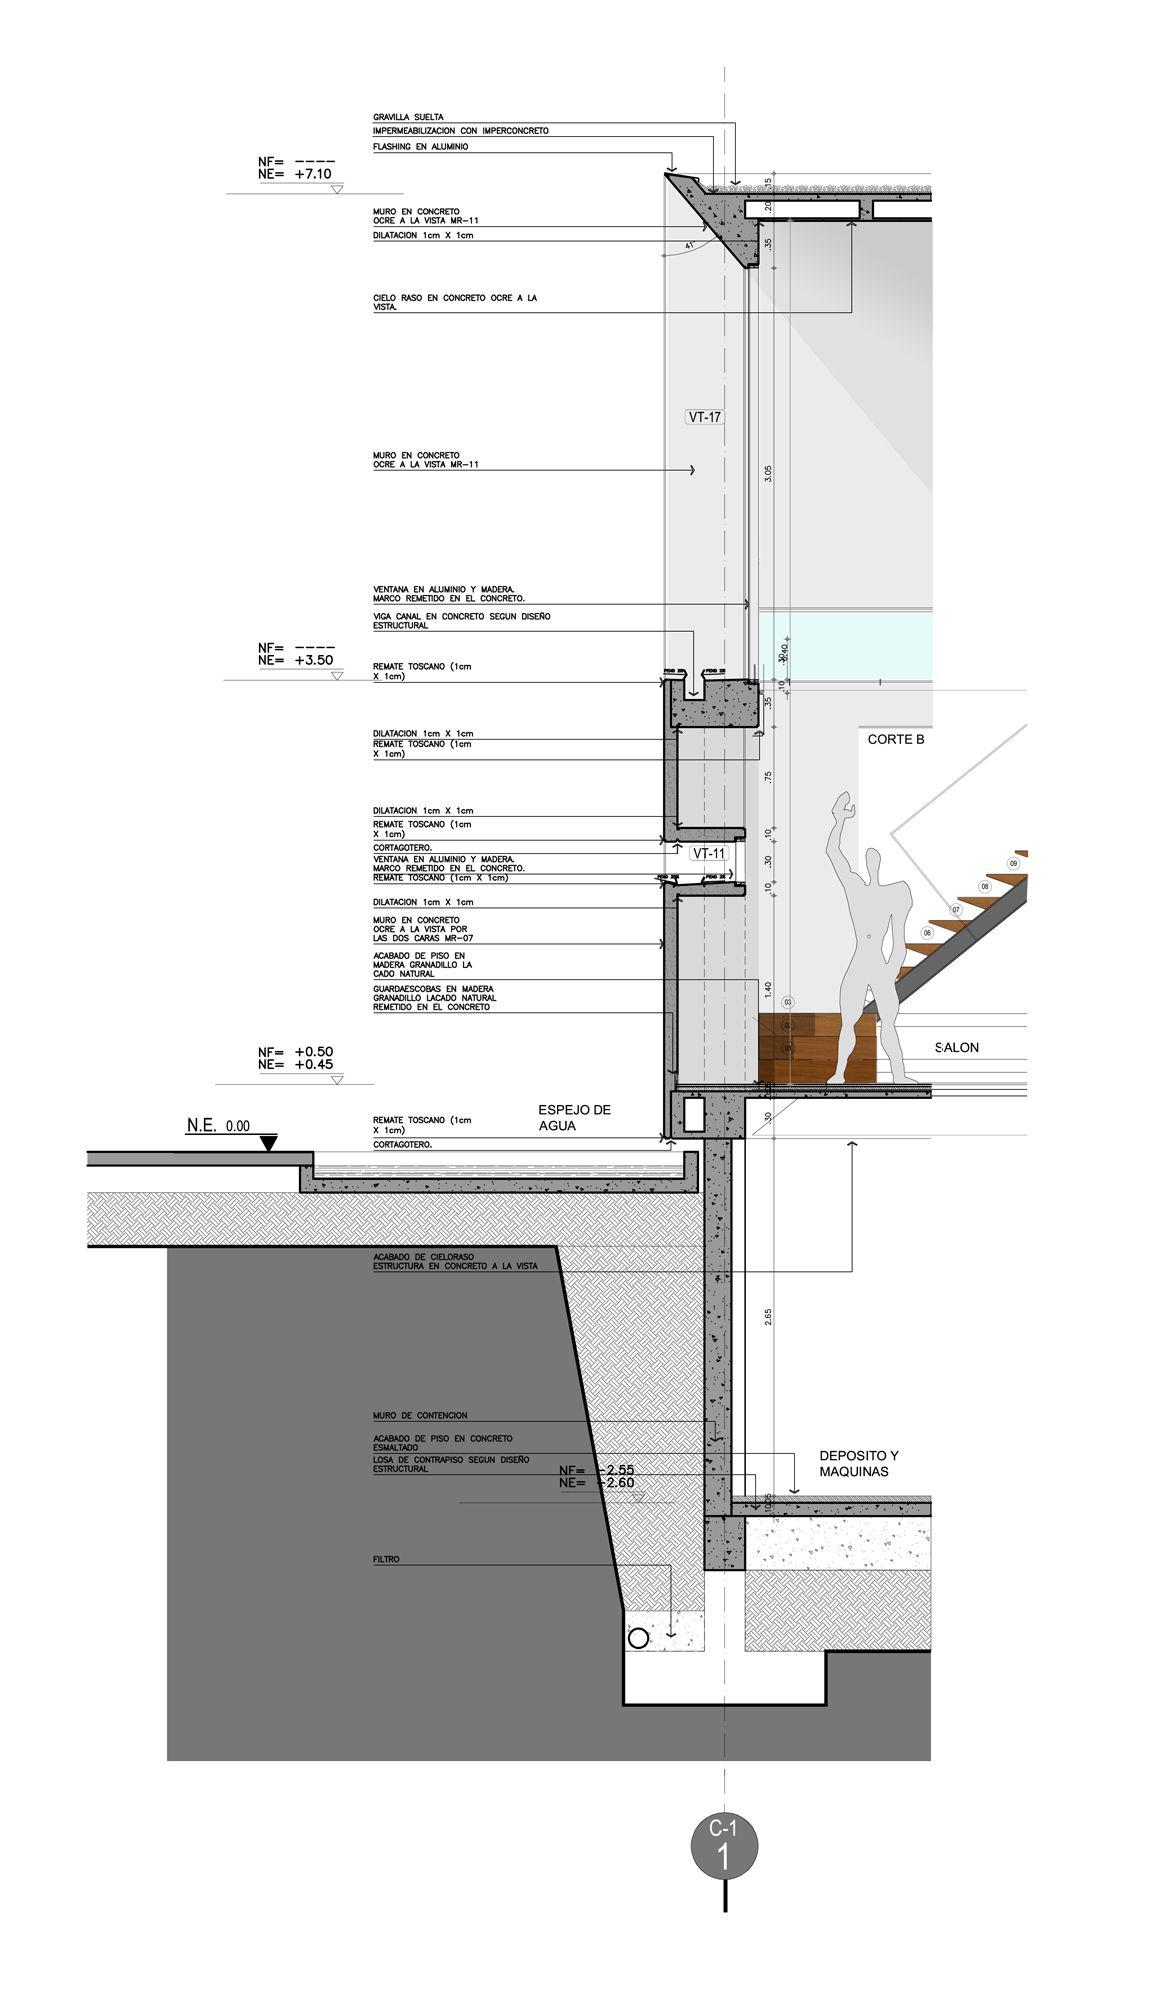 1000 images about architectural details on pinterest - Como hacer un plano de una casa ...